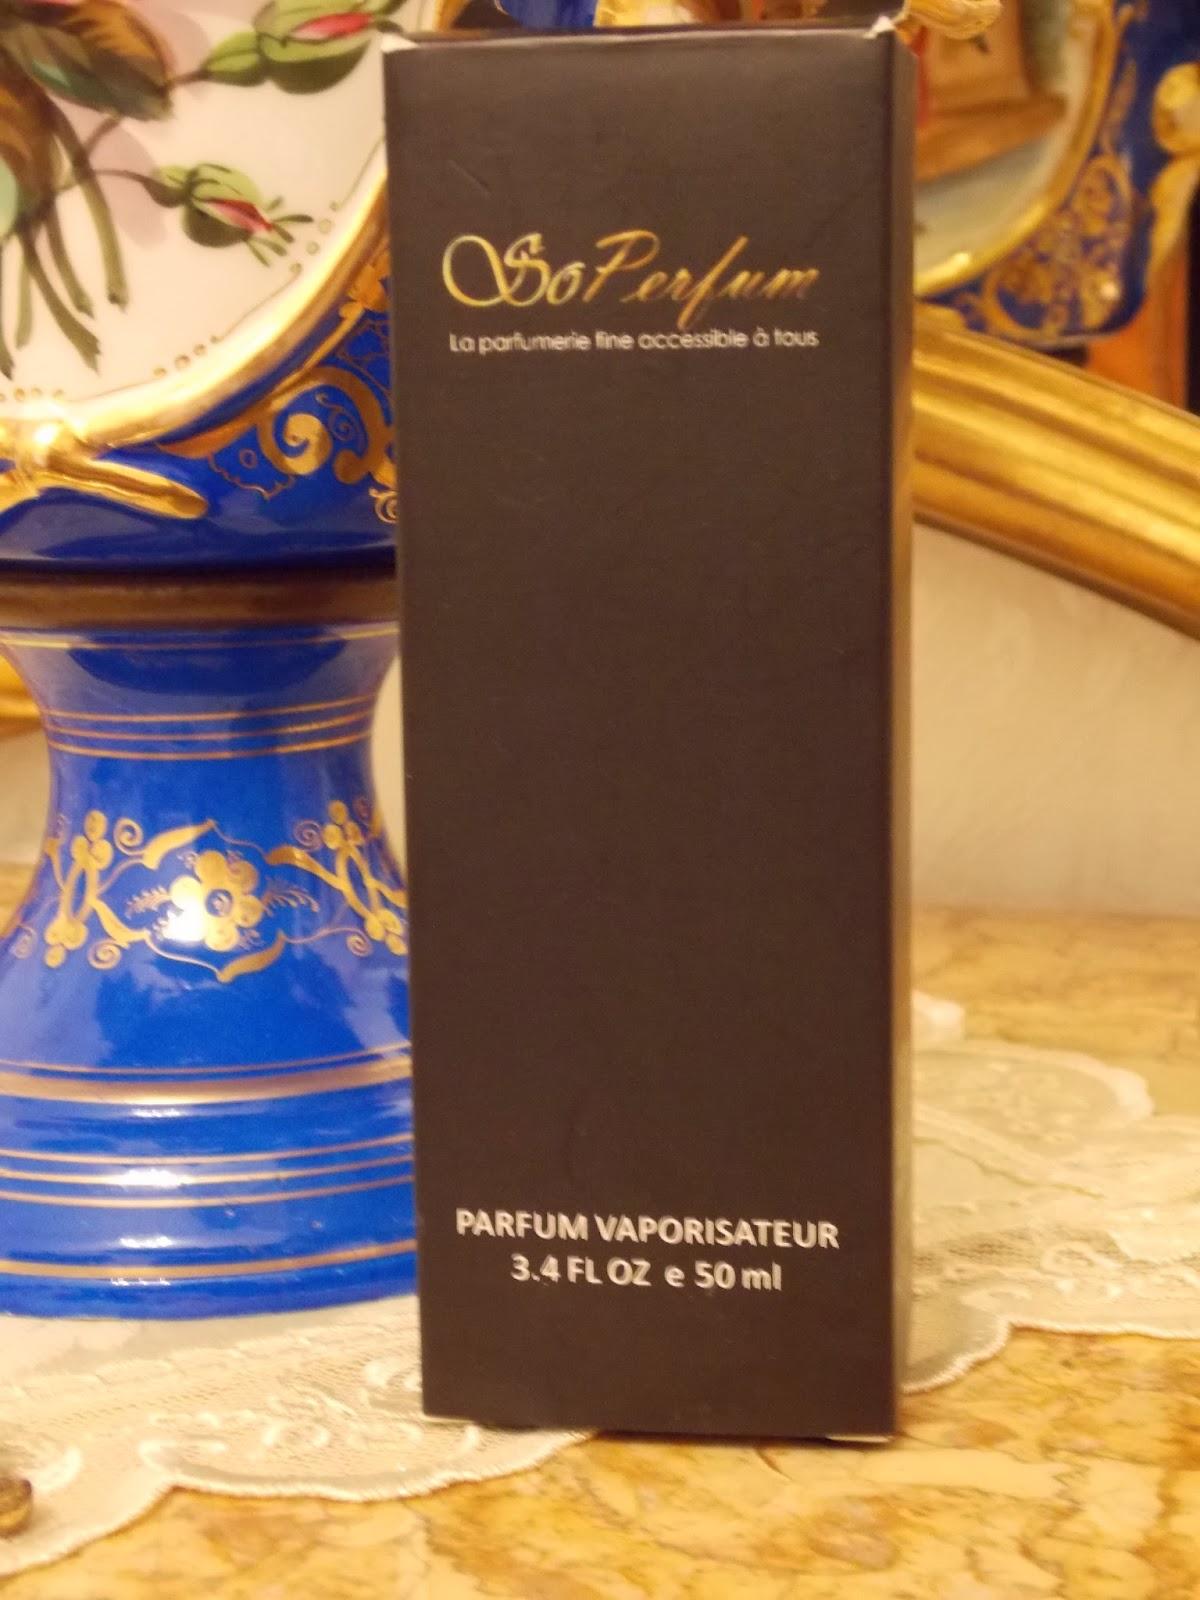 envie d 39 un parfum de marque mais peu de moyens so perfum est l mon instant. Black Bedroom Furniture Sets. Home Design Ideas